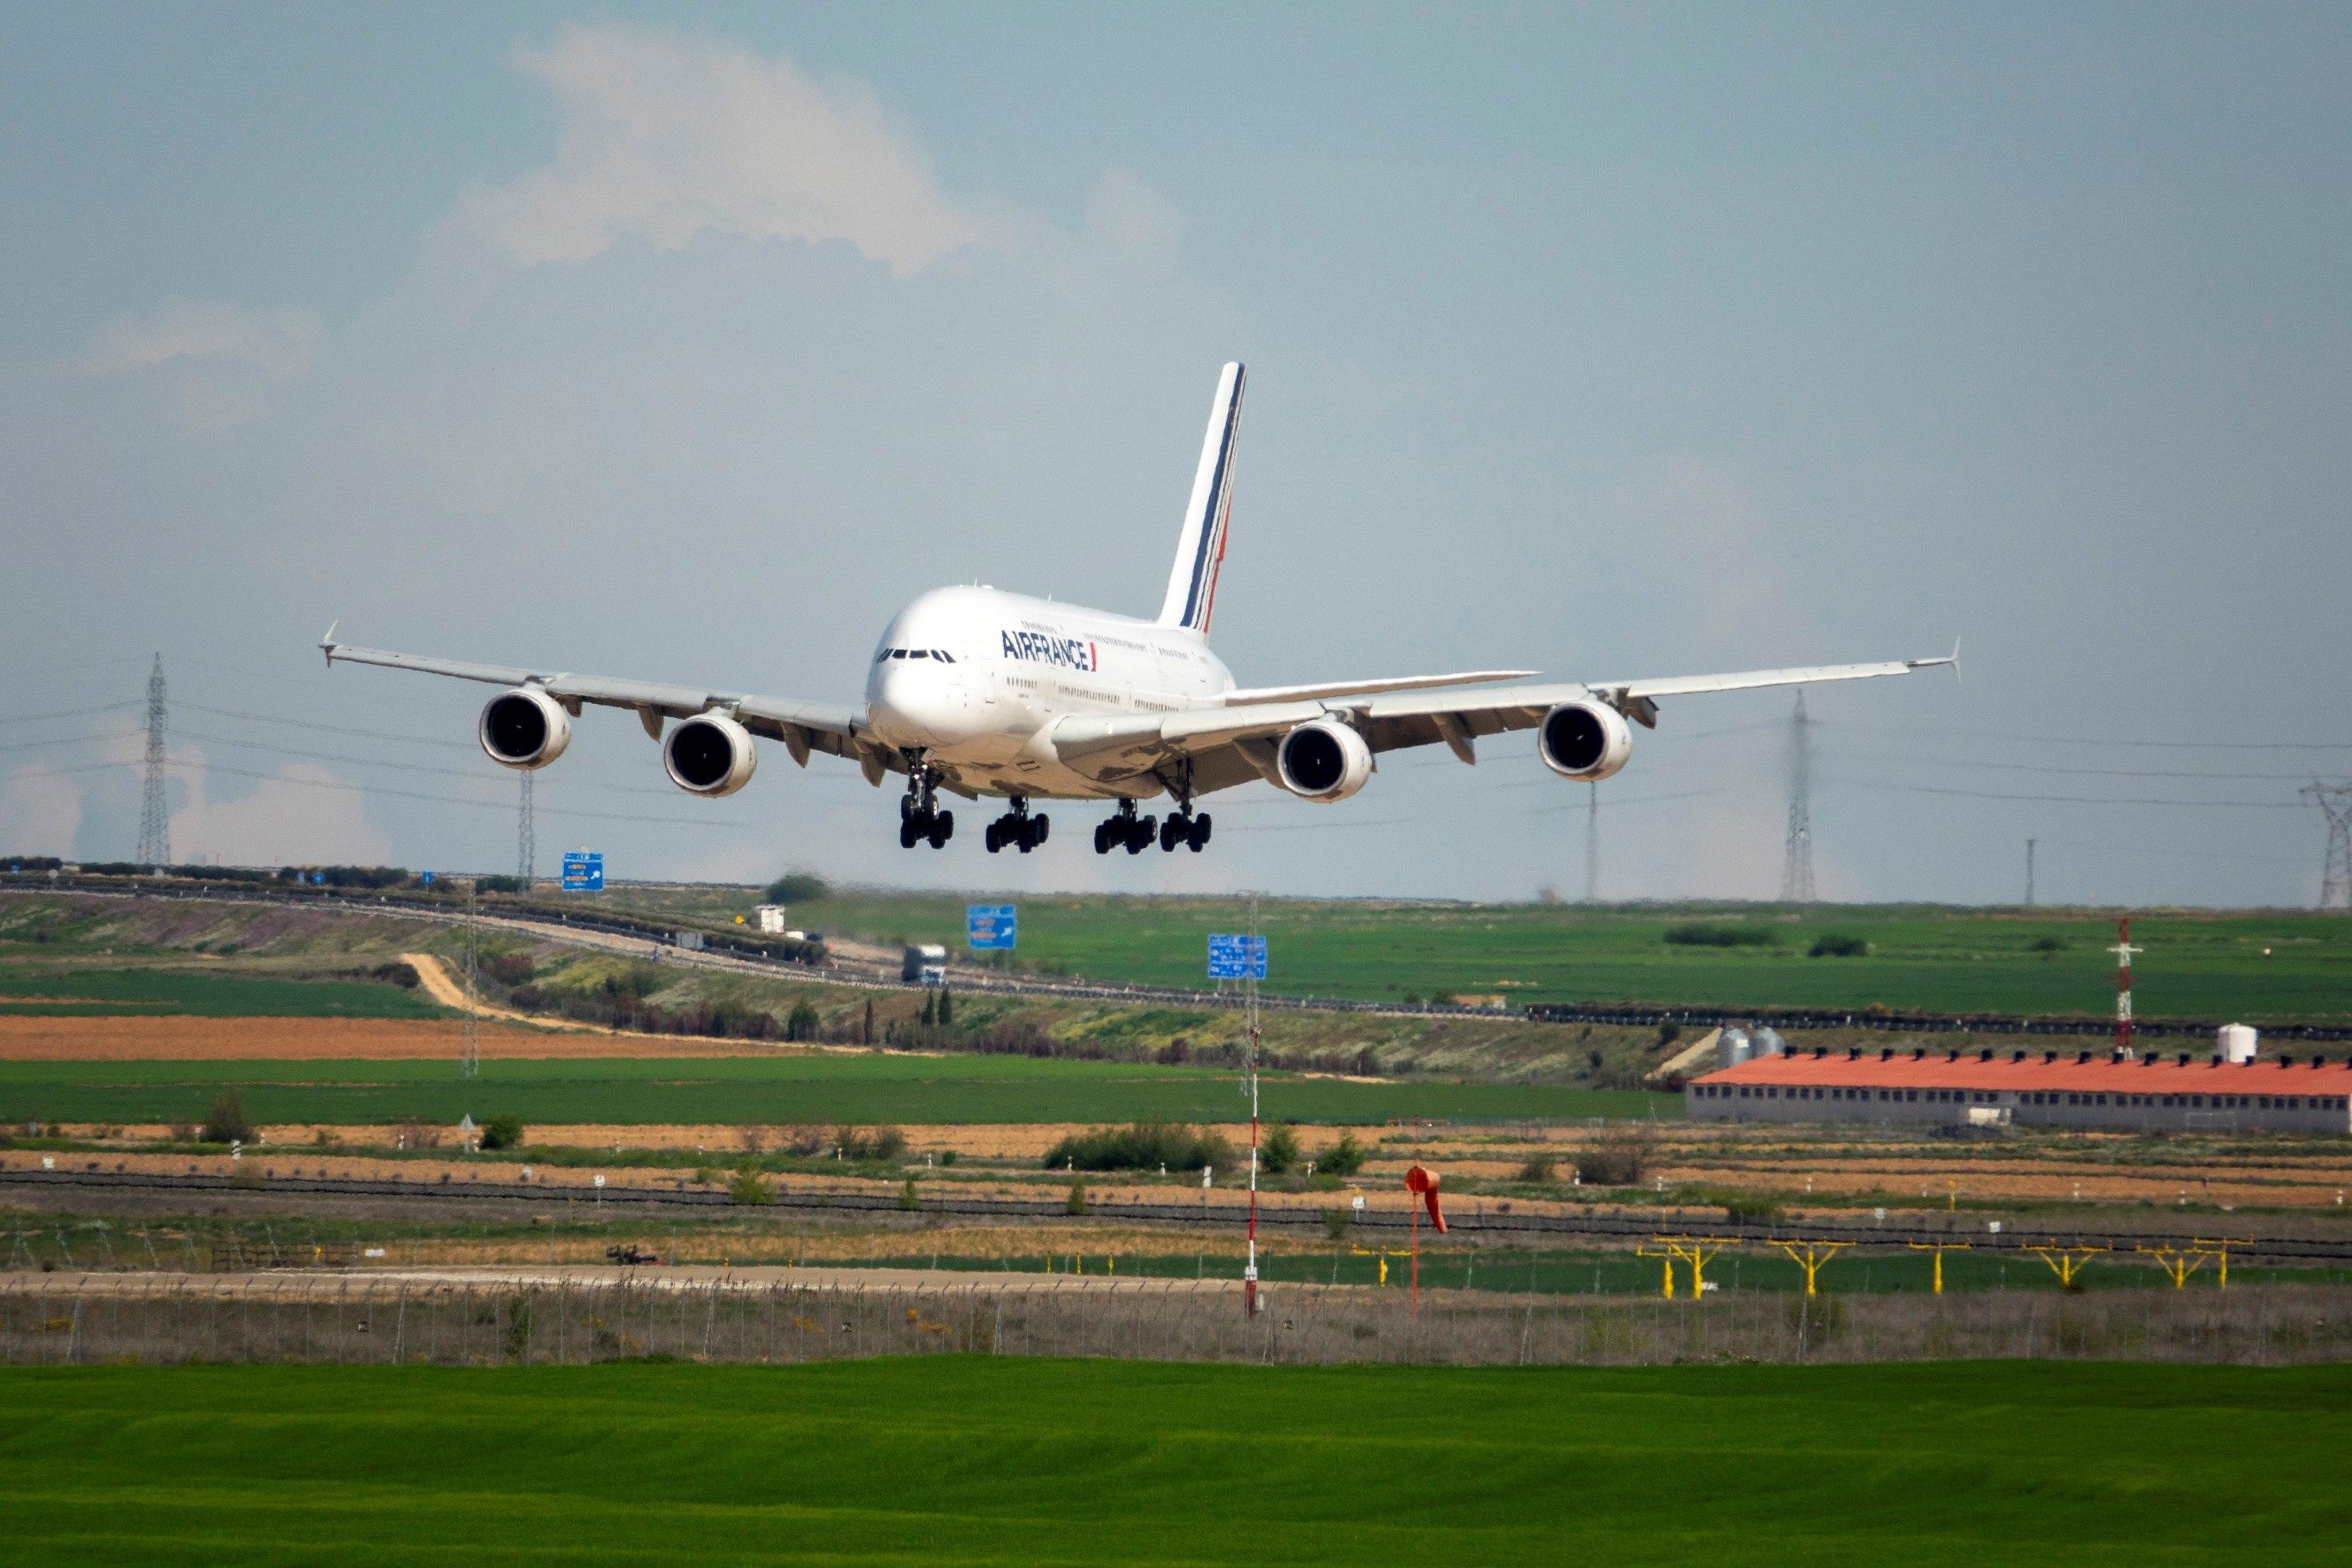 Air France ha trasladado sus A-380 al aeropuerto de Teruel para su estacionamiento y mantenimiento